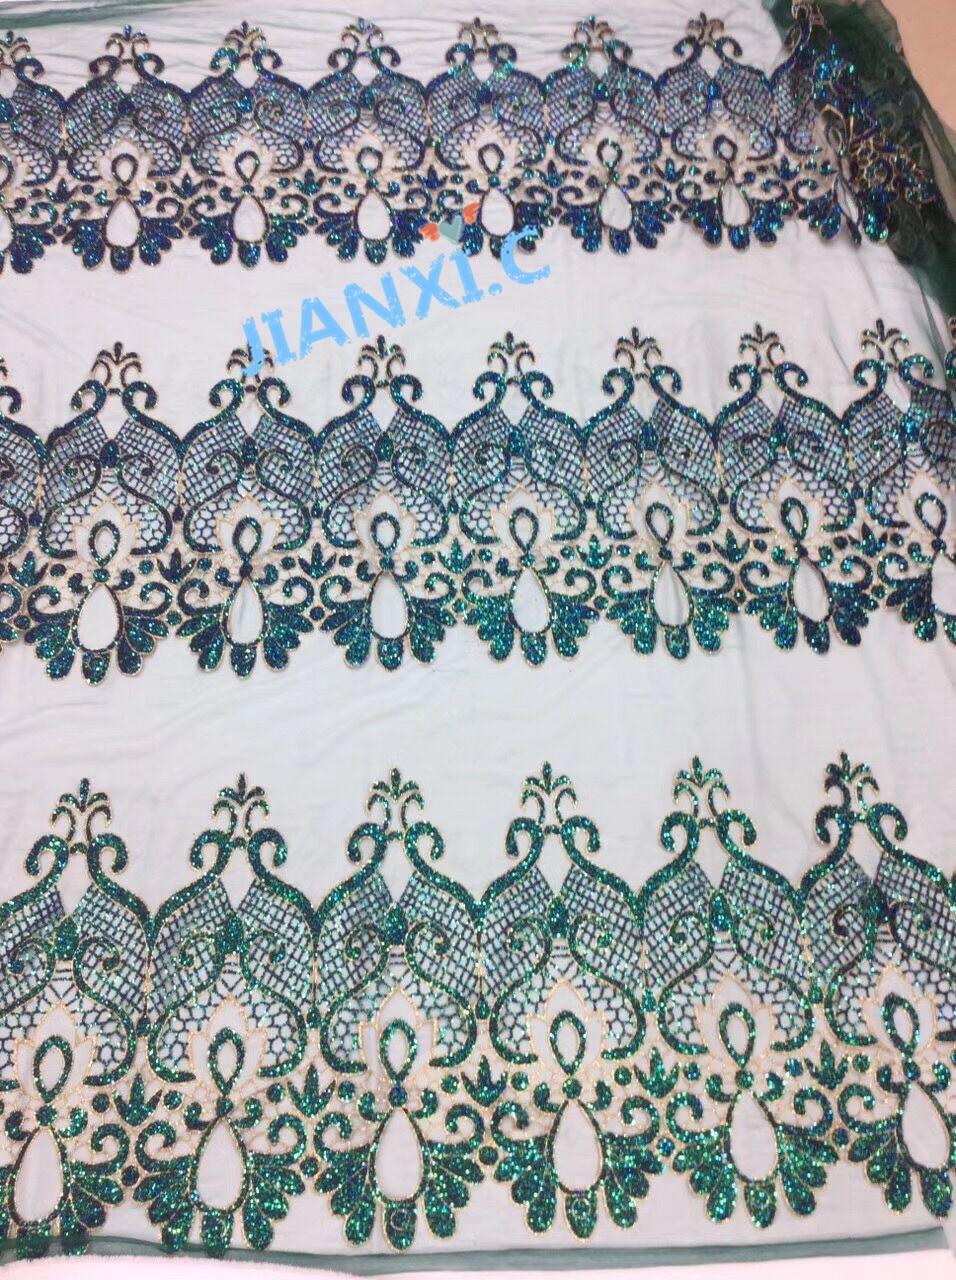 CiCi 81905 Afrikaanse tule kant met gelijmd glitter Nieuwe en Unieke Afrikaanse glitter Kant stof voor feestjurk-in Kant van Huis & Tuin op  Groep 1